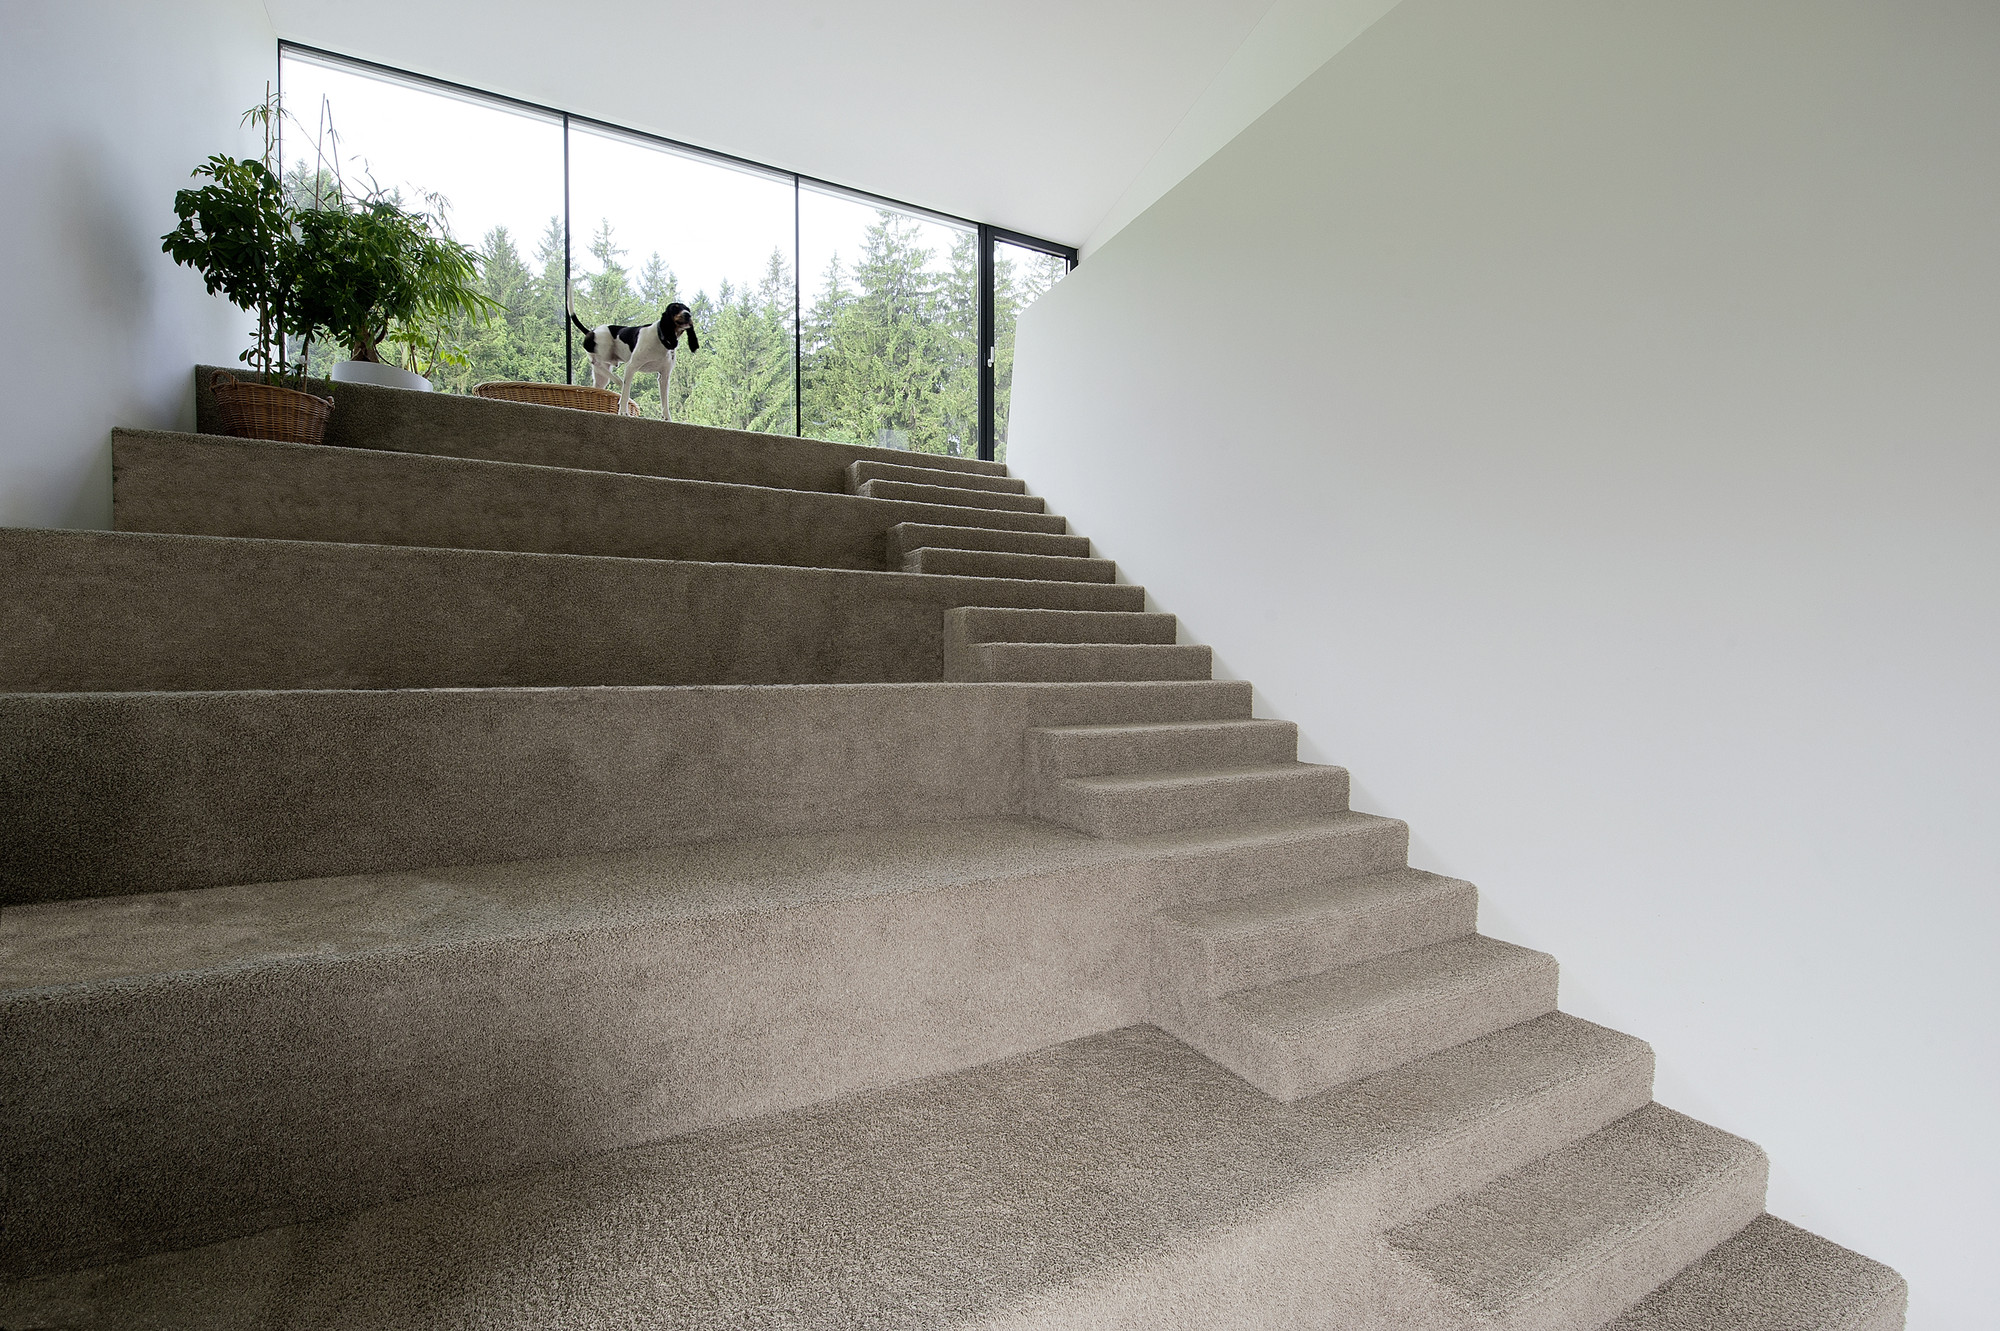 House N / Archinauten Dworschak + Mühlbachler ZT Gmbh